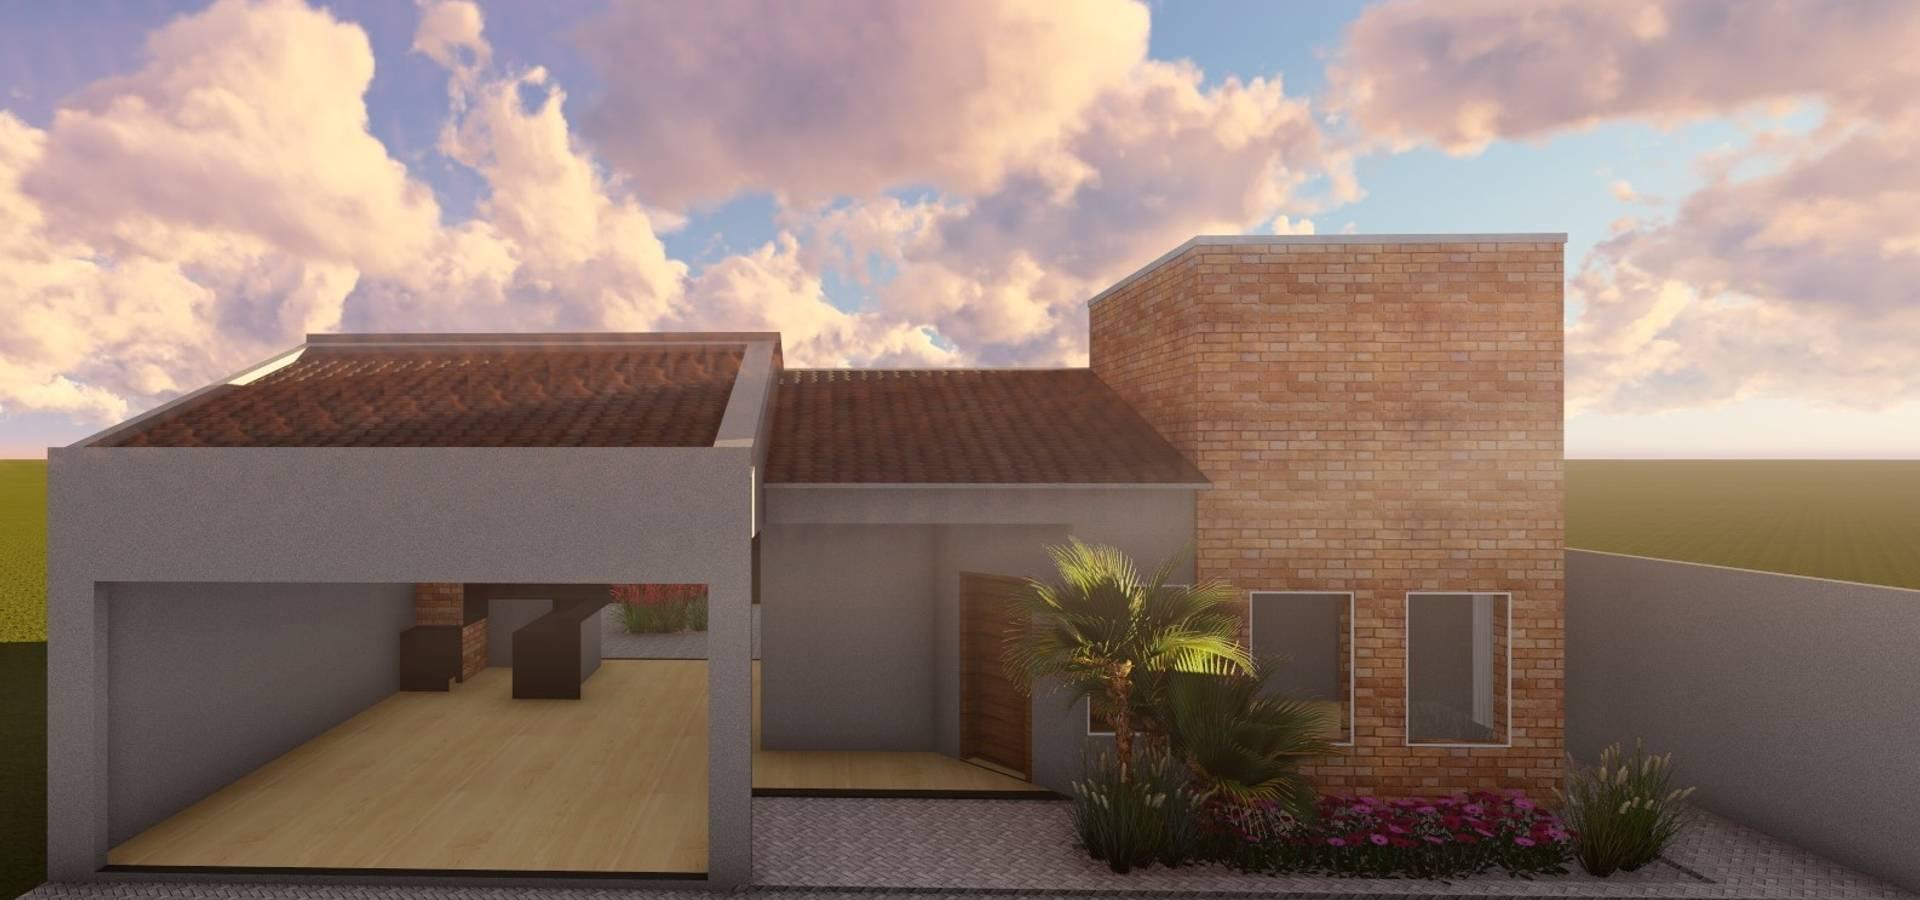 Tauana Rodrigues Arquitetura e Interiores